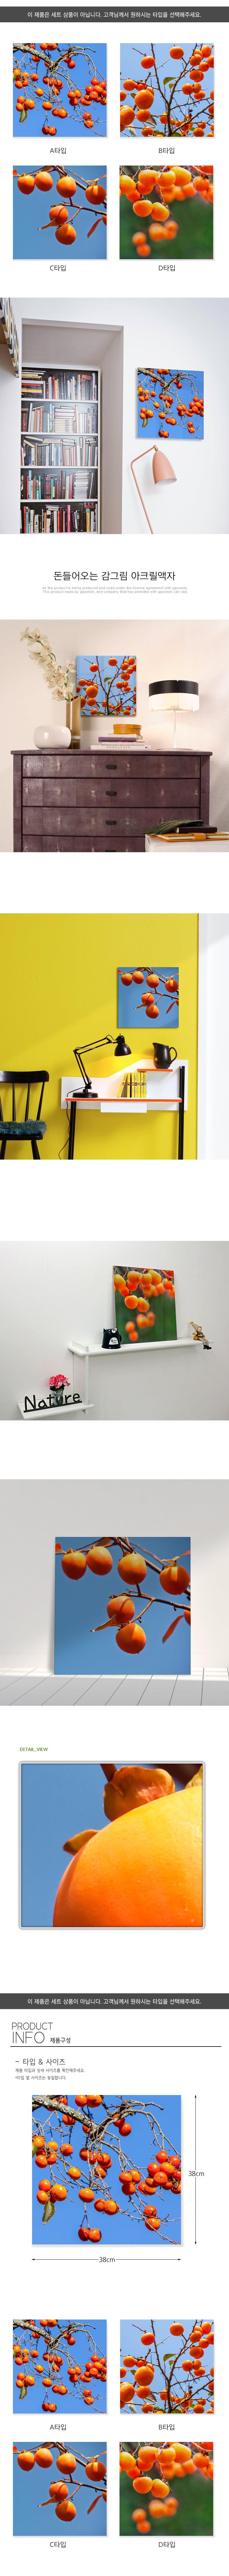 아크릴액자_돈들어오는감그림(중형) - 꾸밈, 25,600원, 홈갤러리, 사진아트